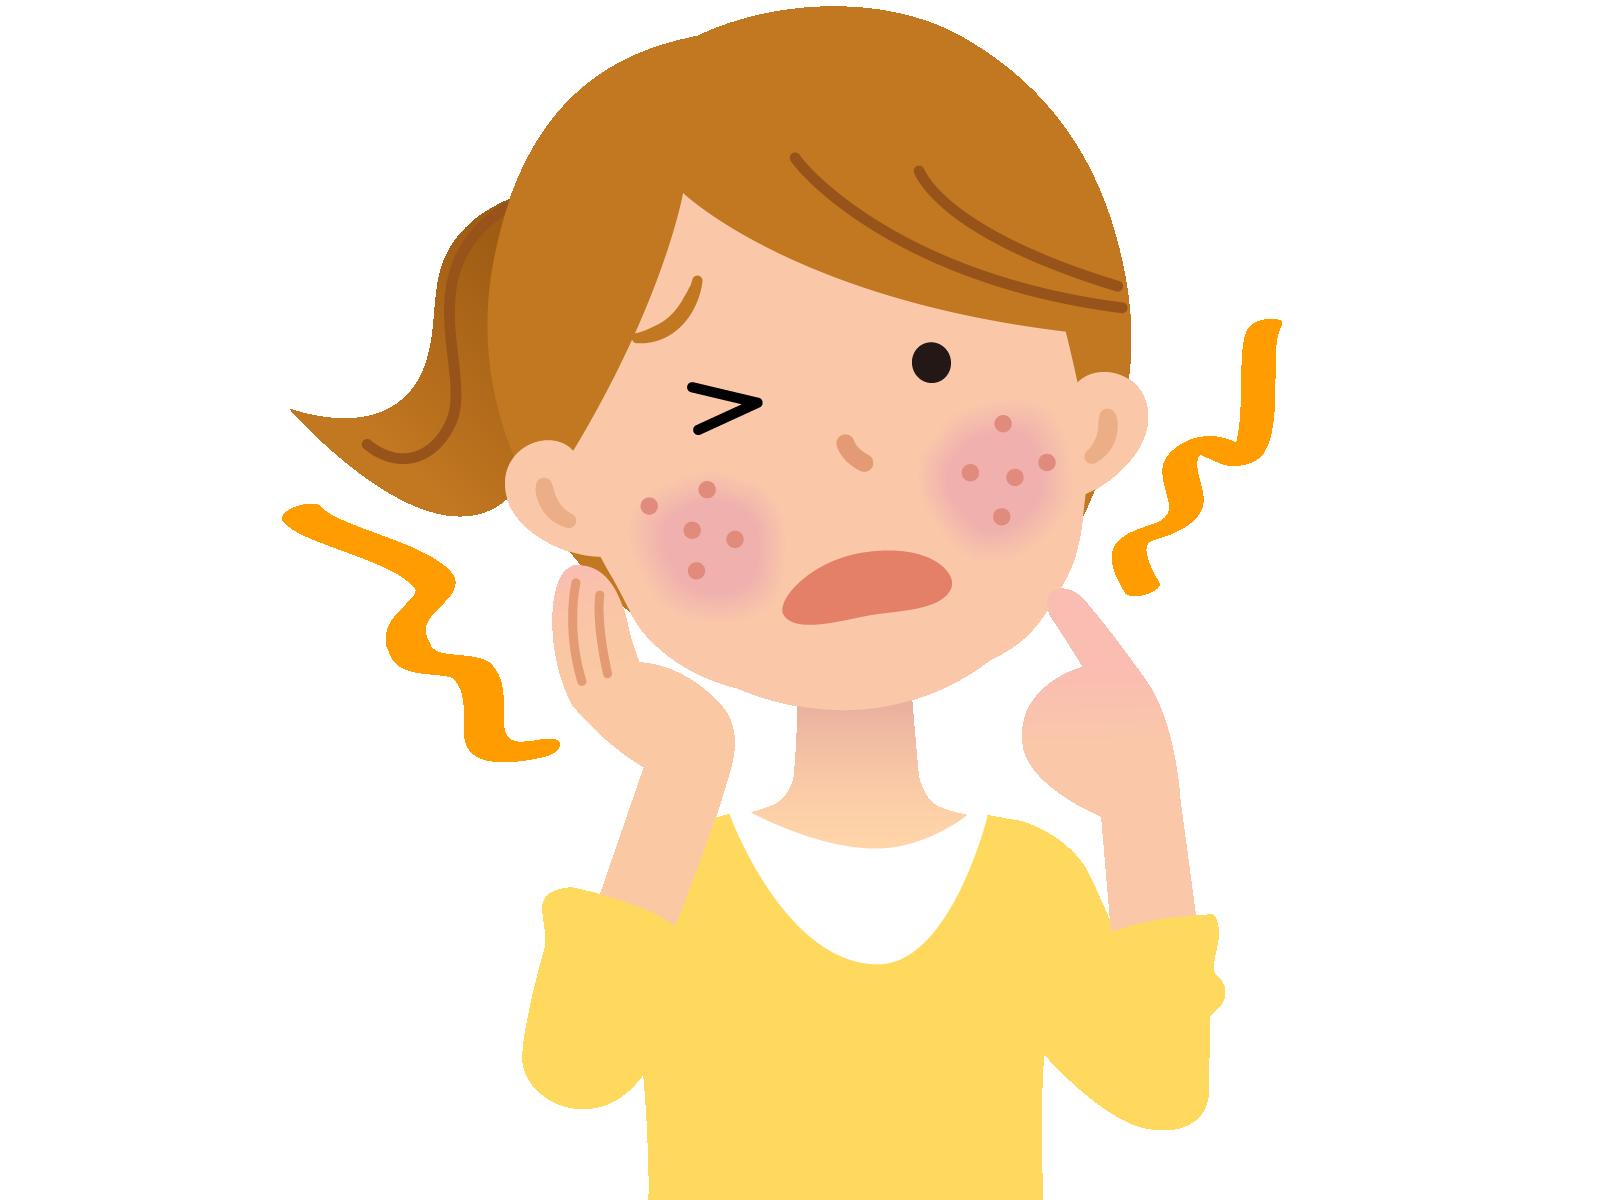 ヒスタミン H4受容体 拮抗薬は、痒みを軽減するものの好中球減少のリスクがある